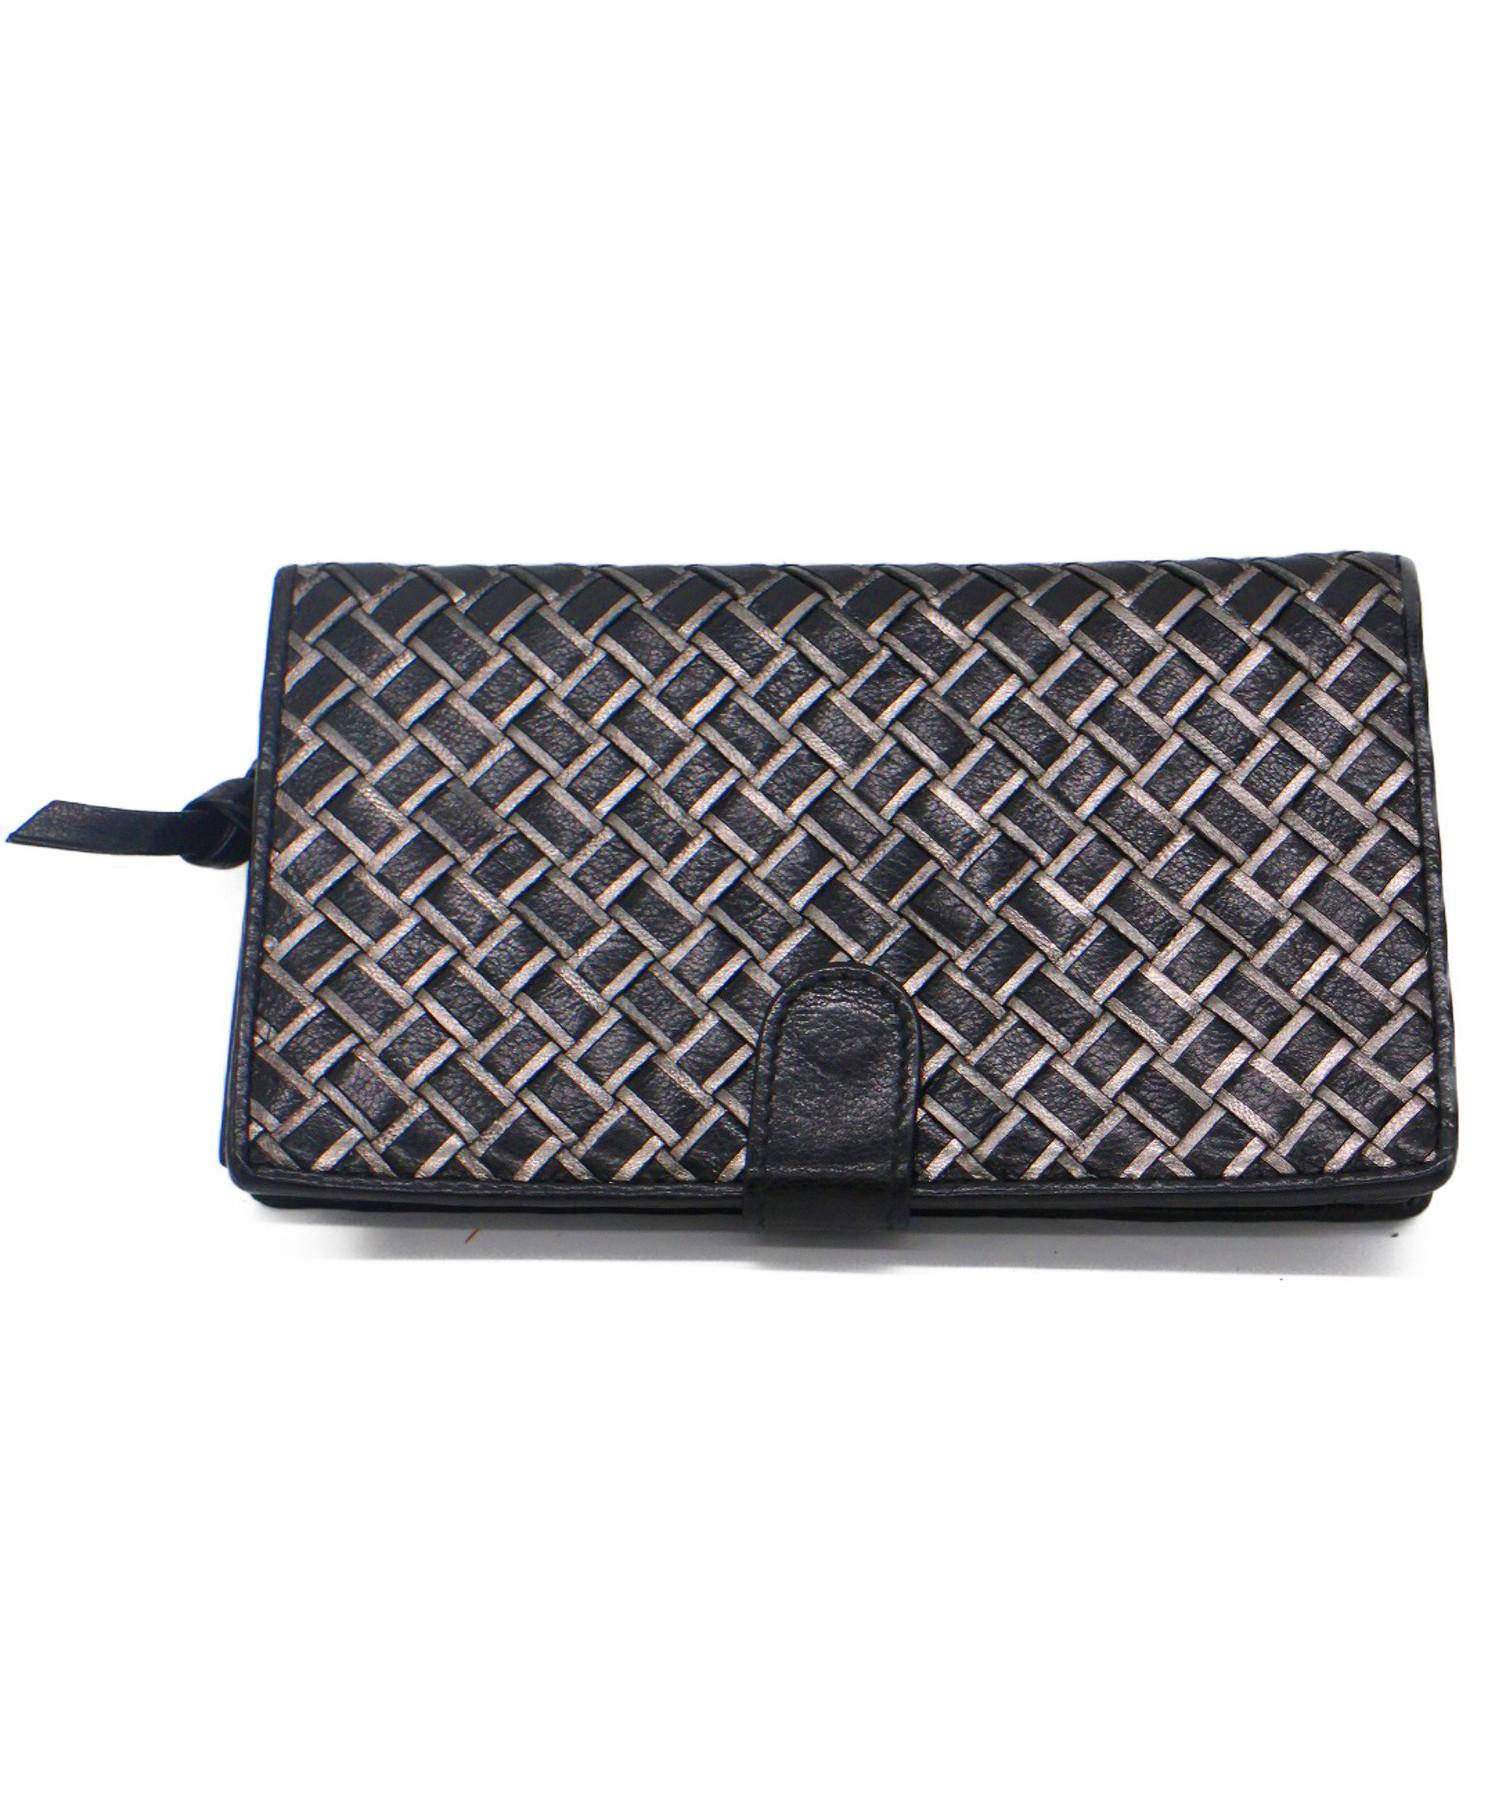 buy online ffe22 73c55 [中古]BOTTEGA VENETA(ボッテガベネタ)のメンズ 服飾小物 イントレチャート2つ折り長財布